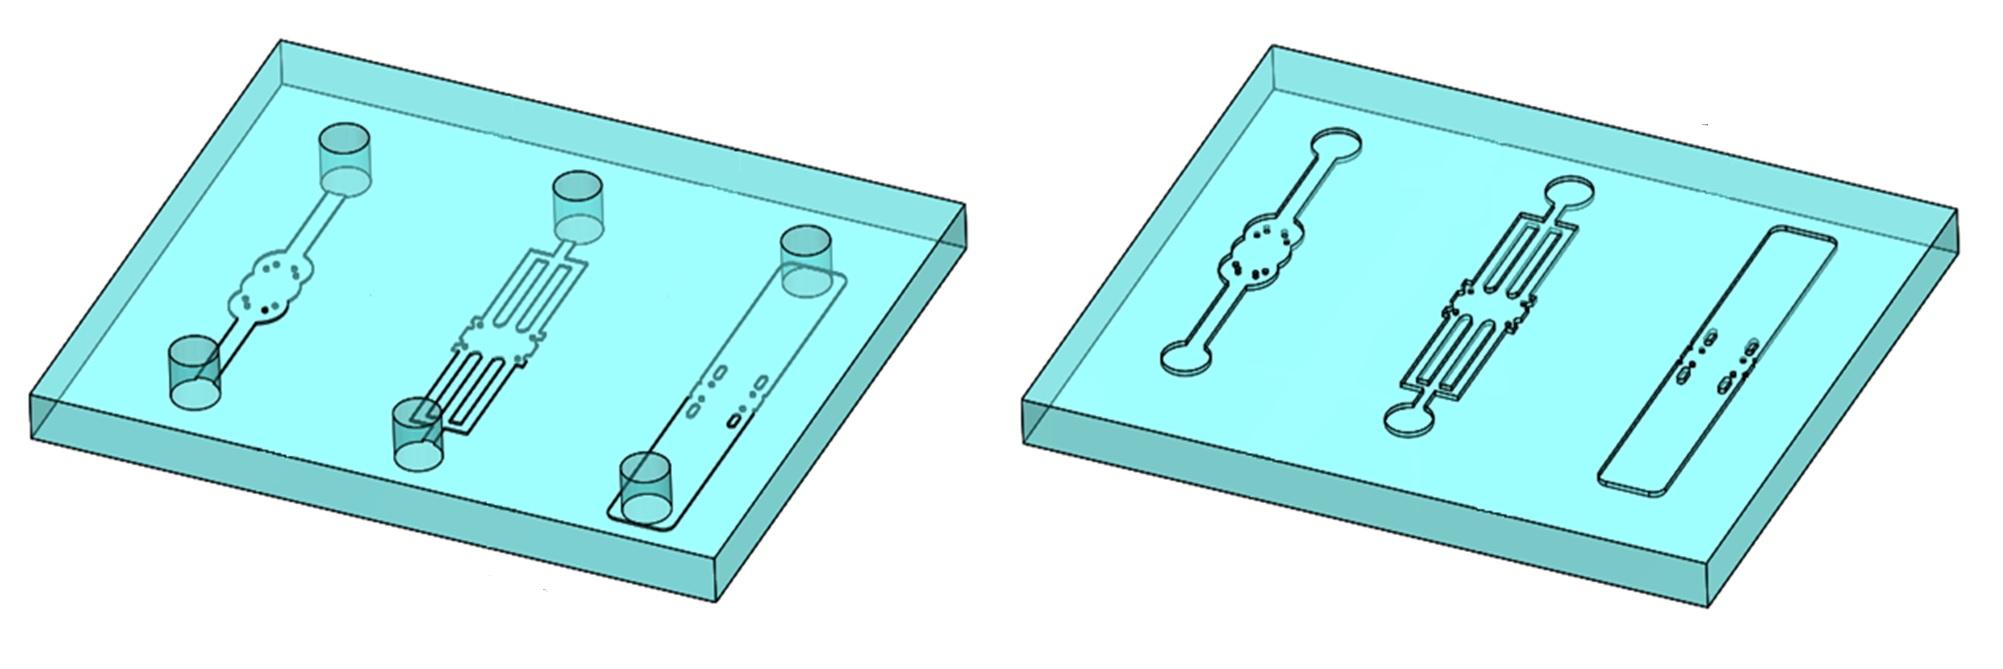 流体デバイス「マイクロ流路」